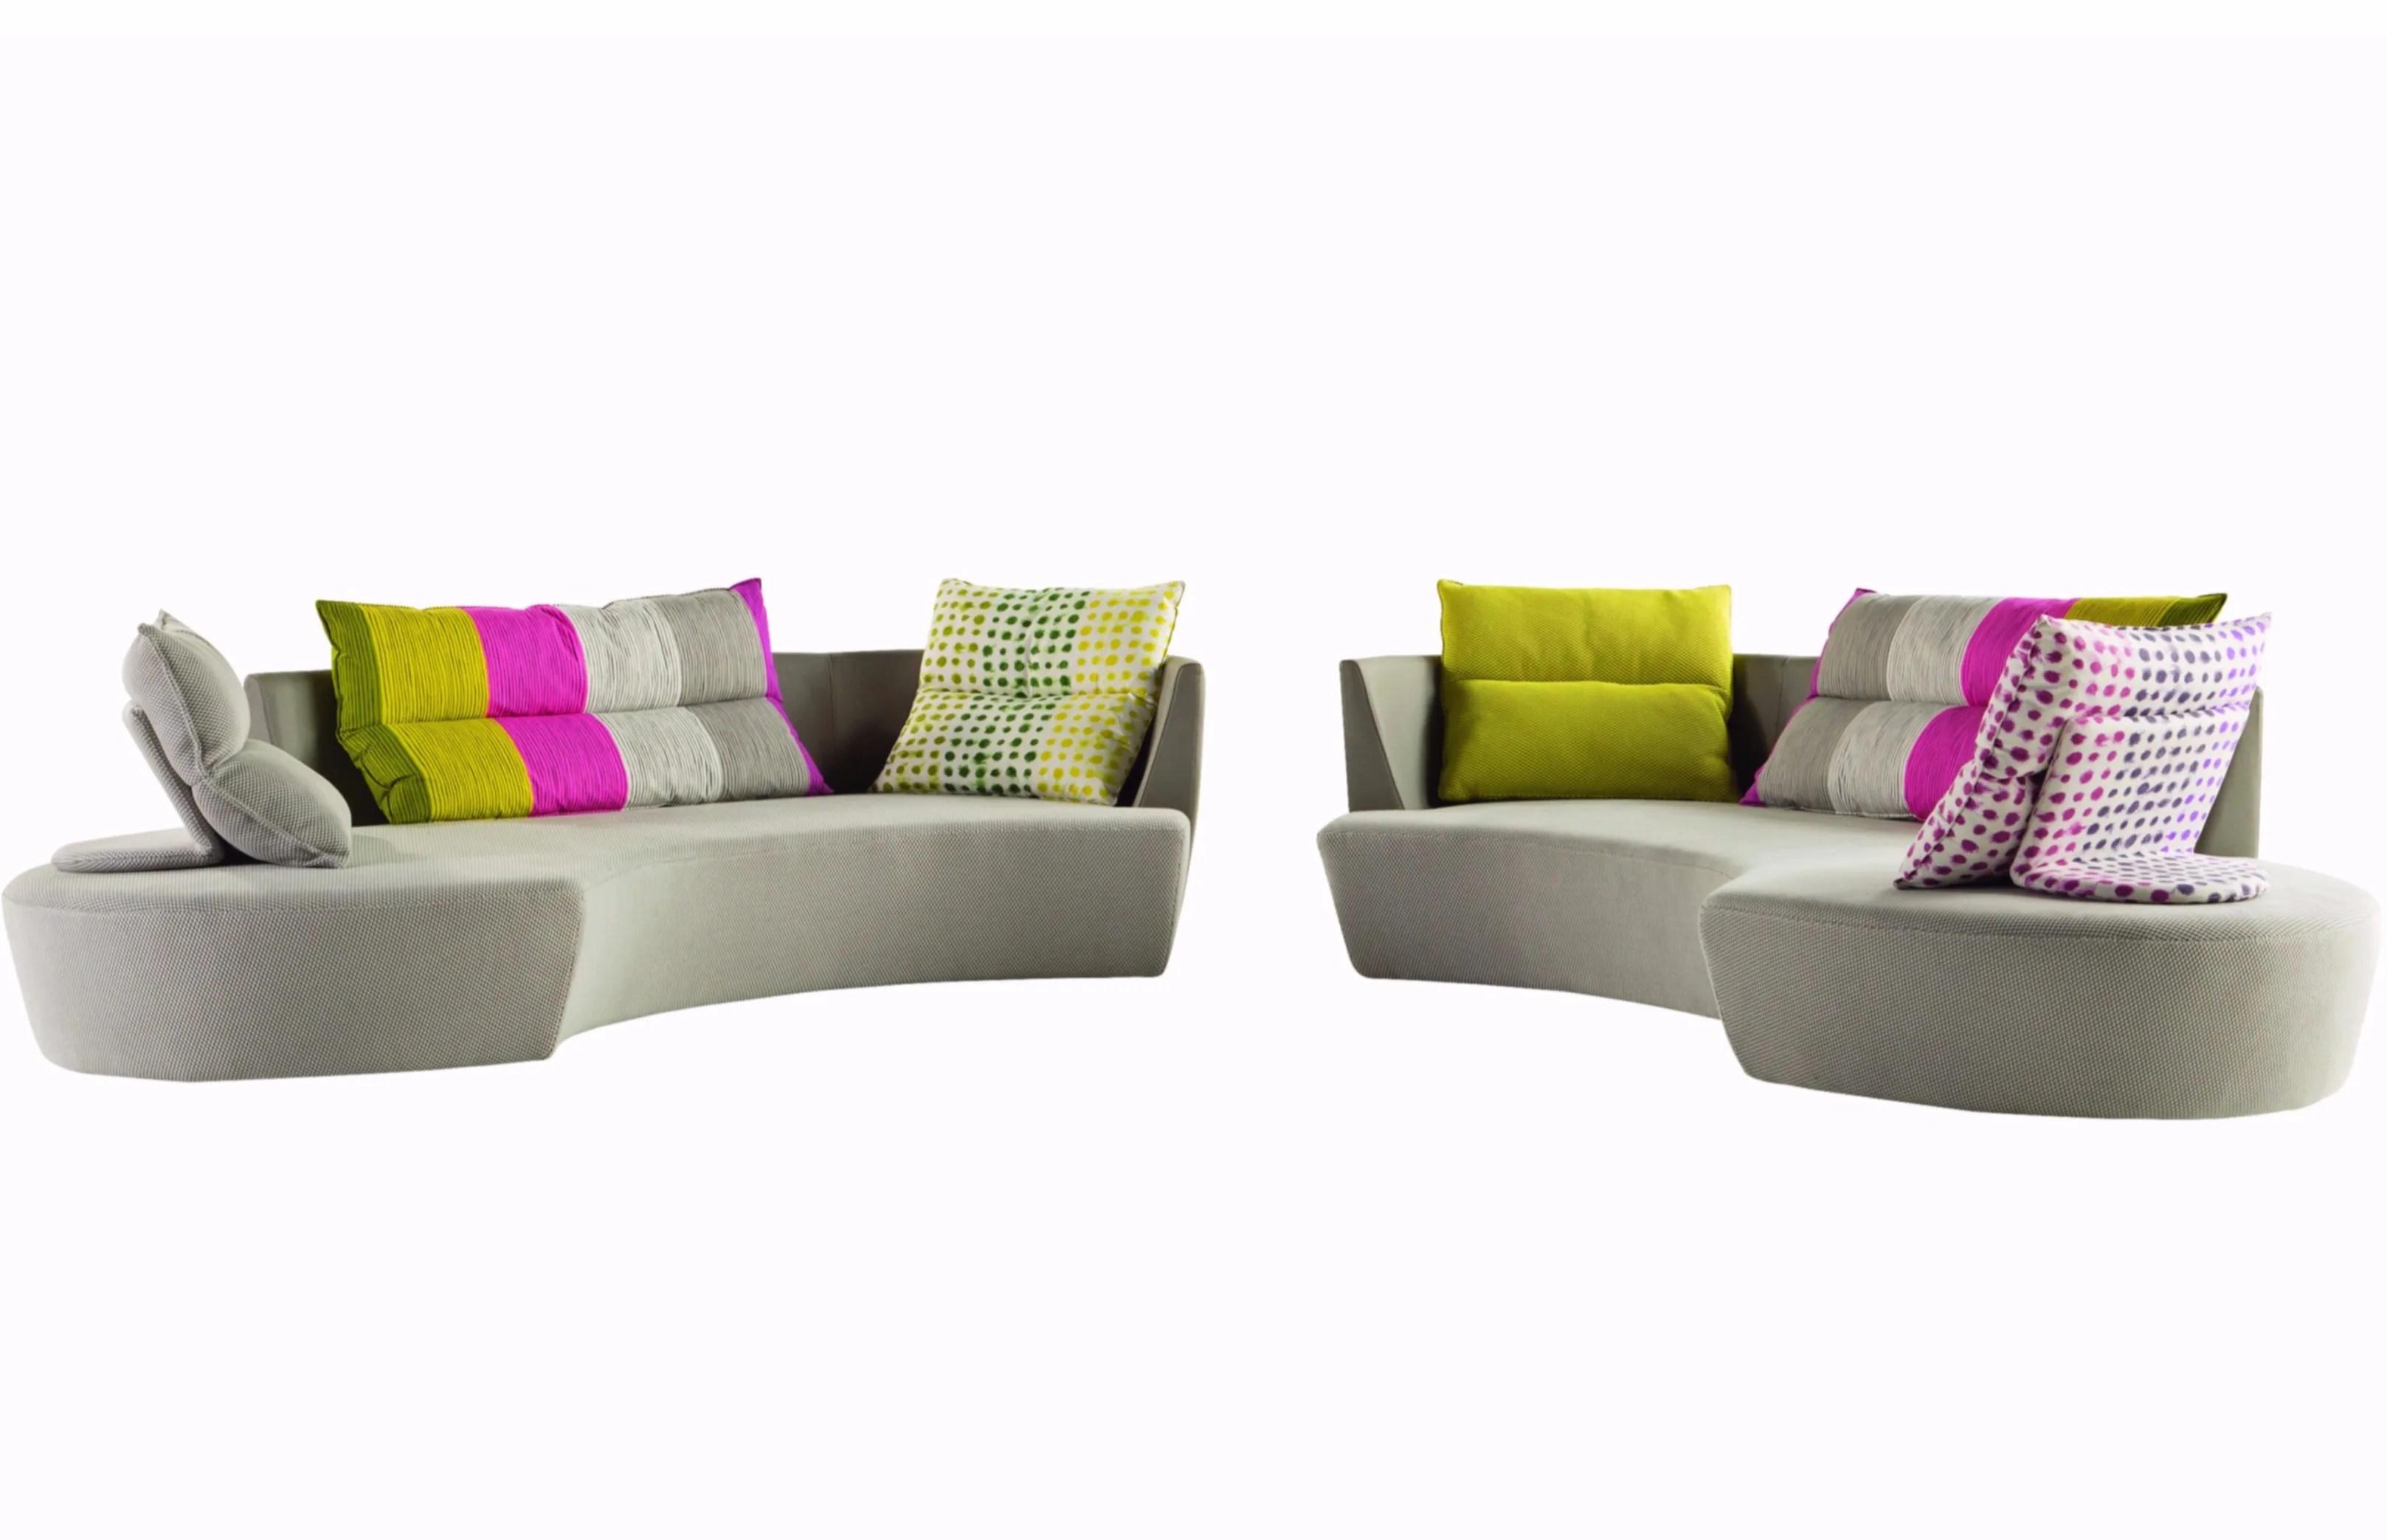 Fabric Sofa REPORTAGE By ROCHE BOBOIS Design Philippe Bouix